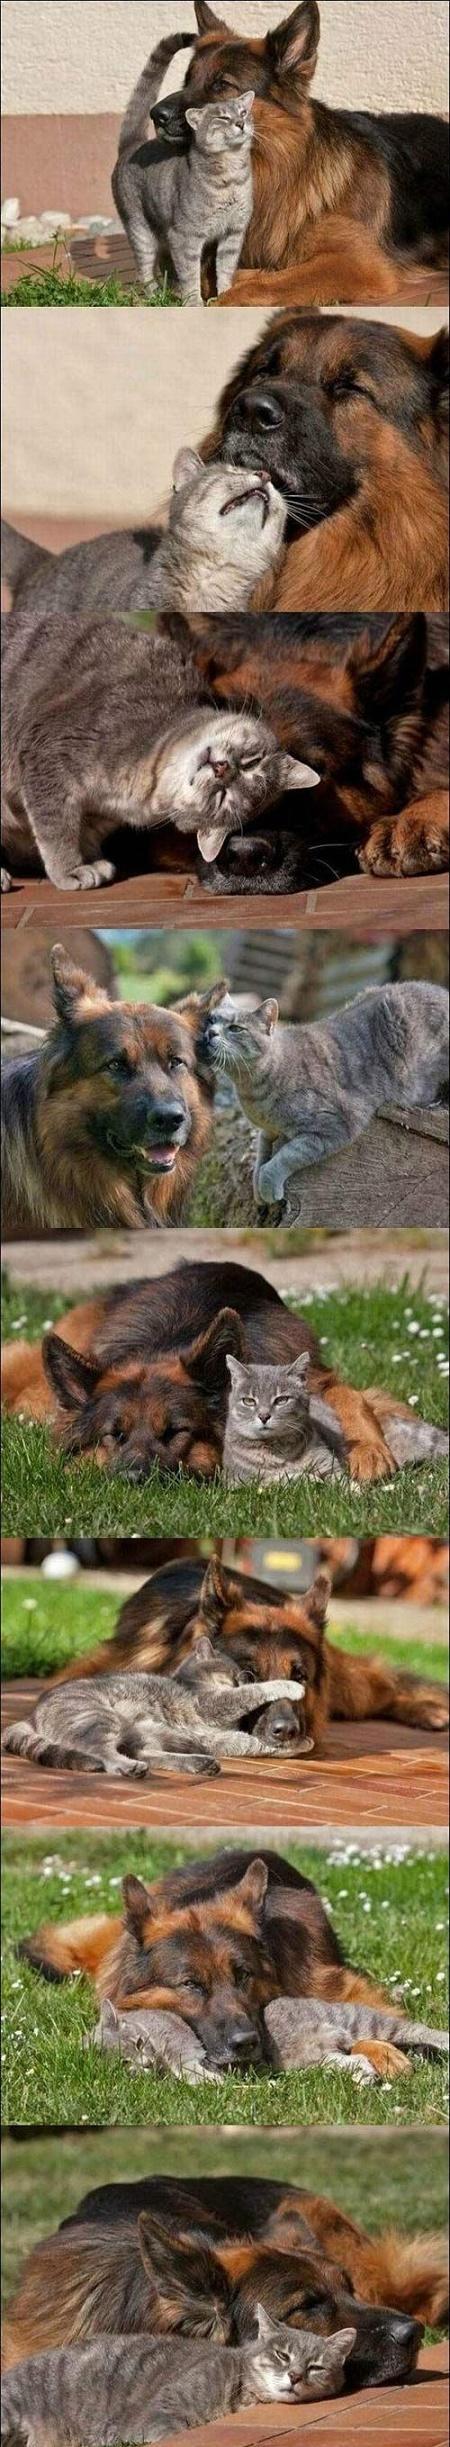 perros gato3